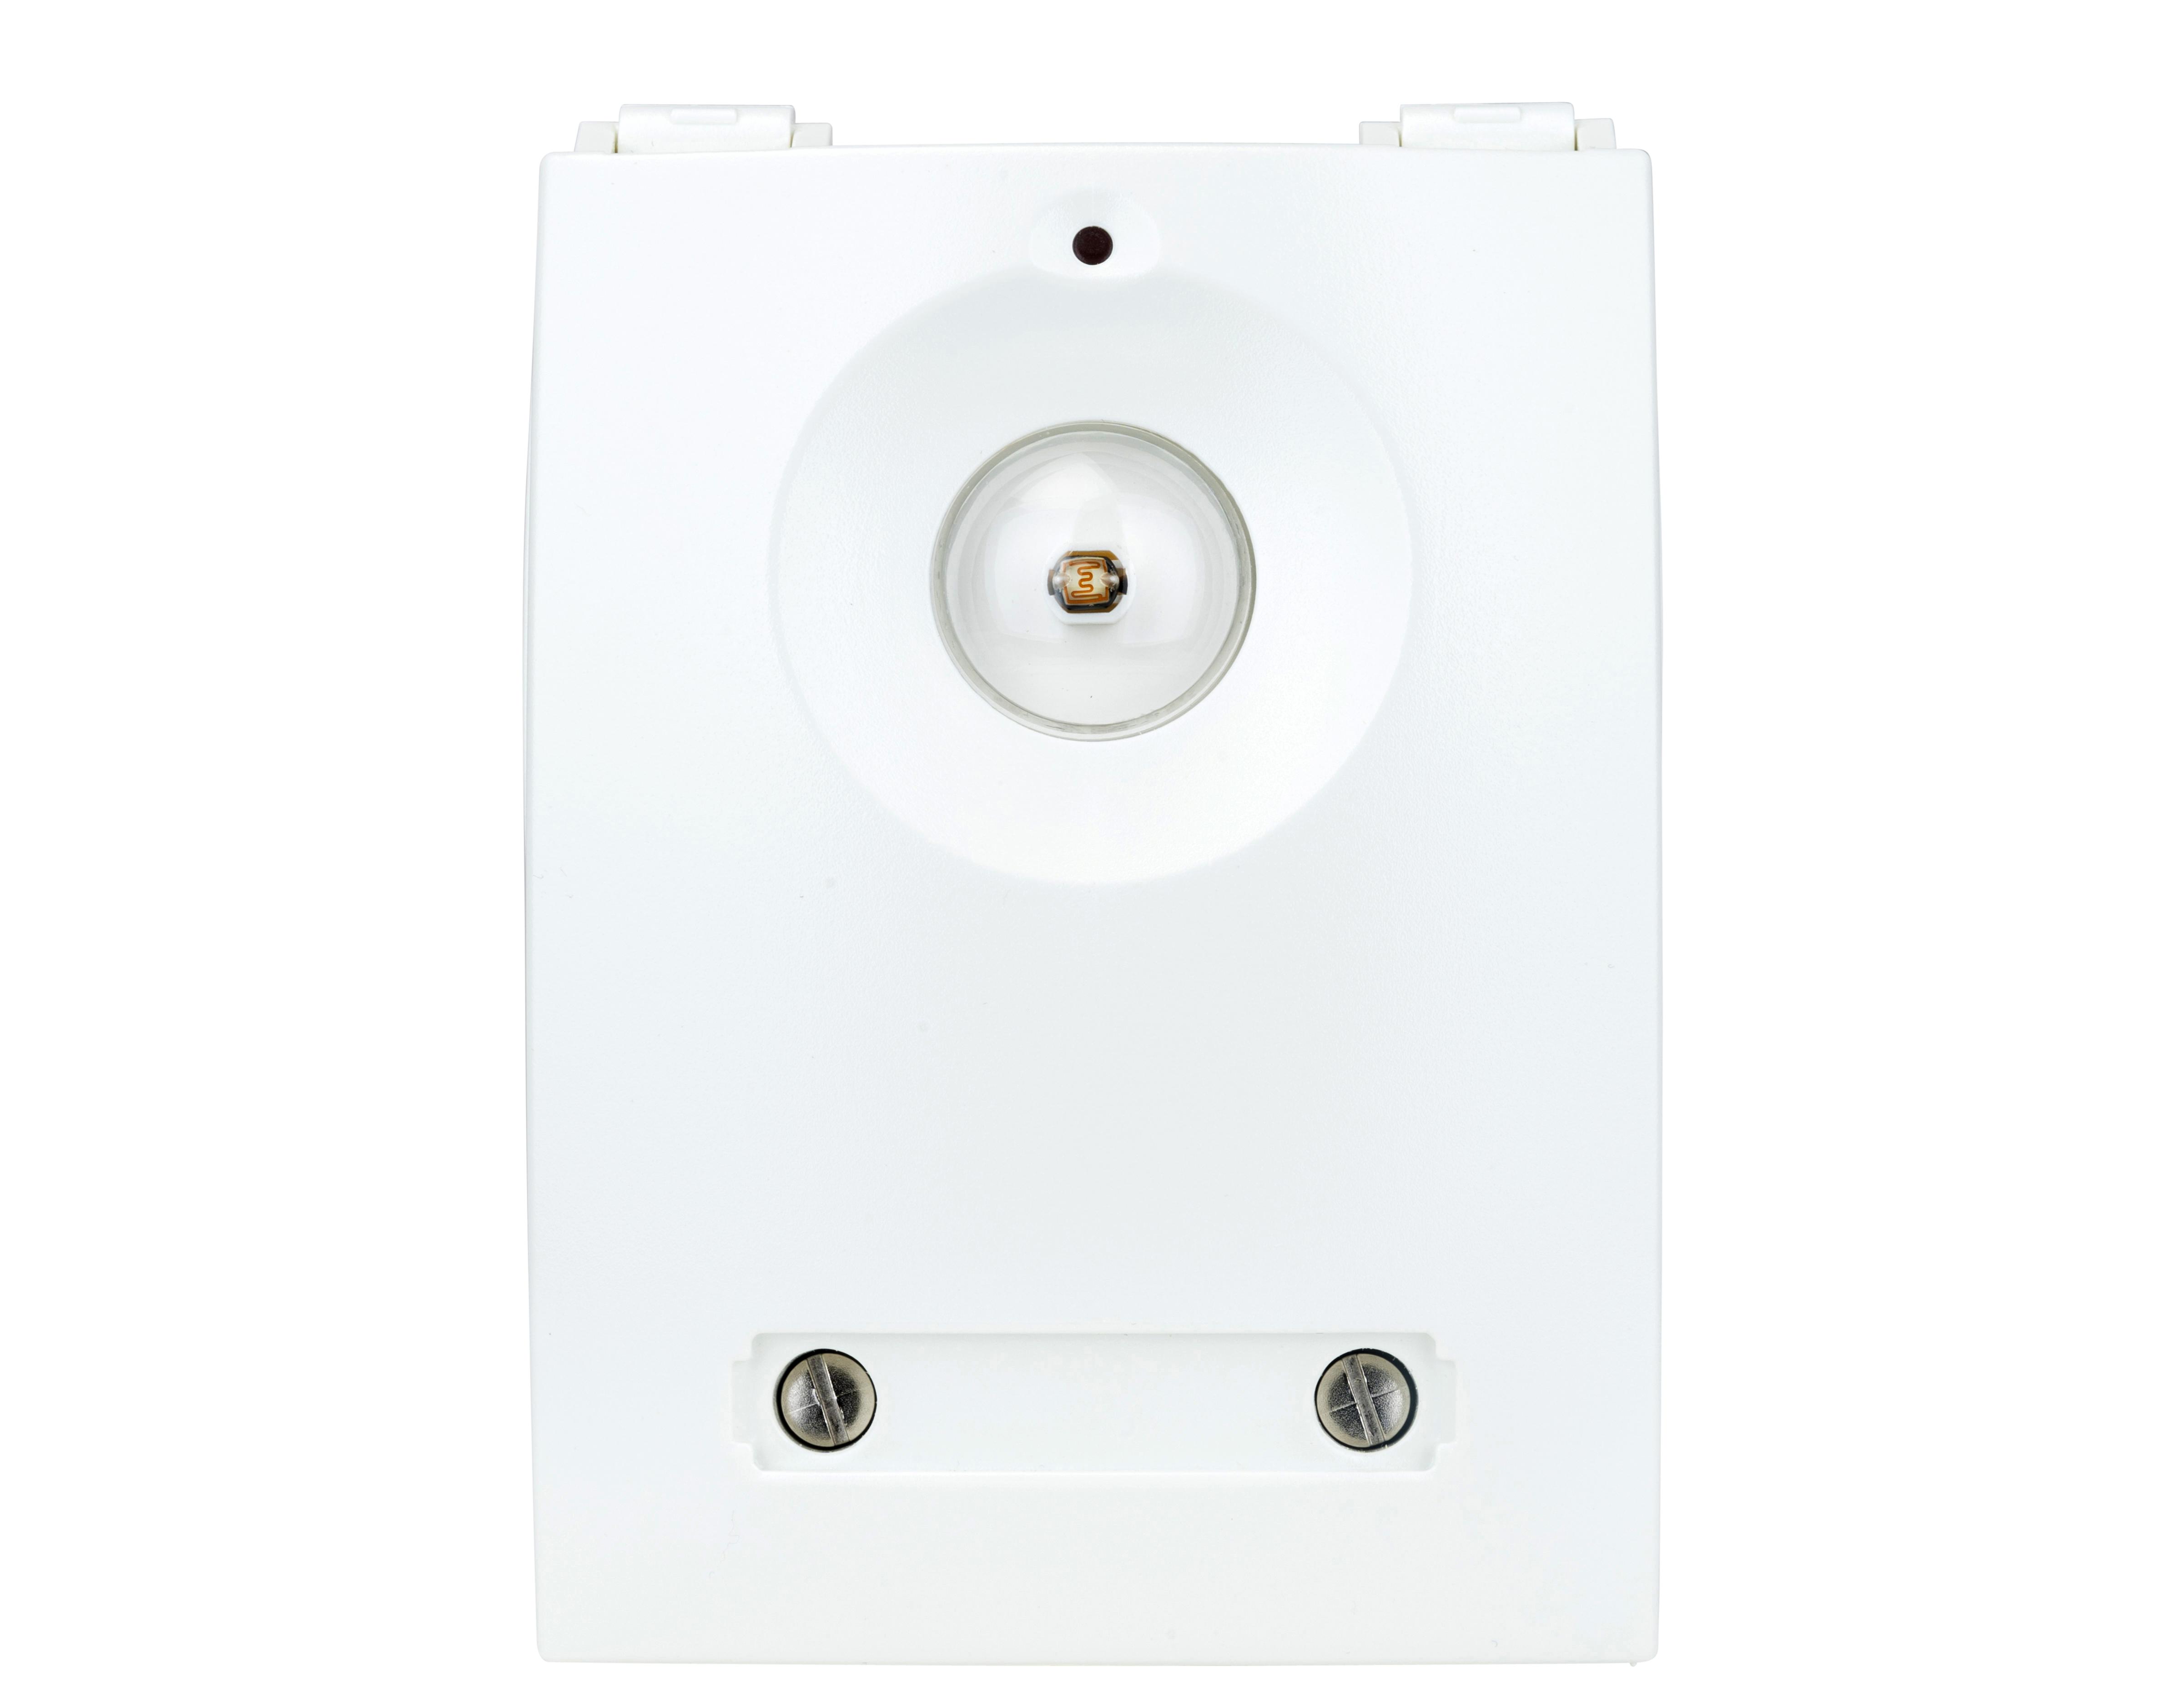 1 Stk Aufputz-Dämmerungsschalter mit integriertem Lichtsensor BZT27800--